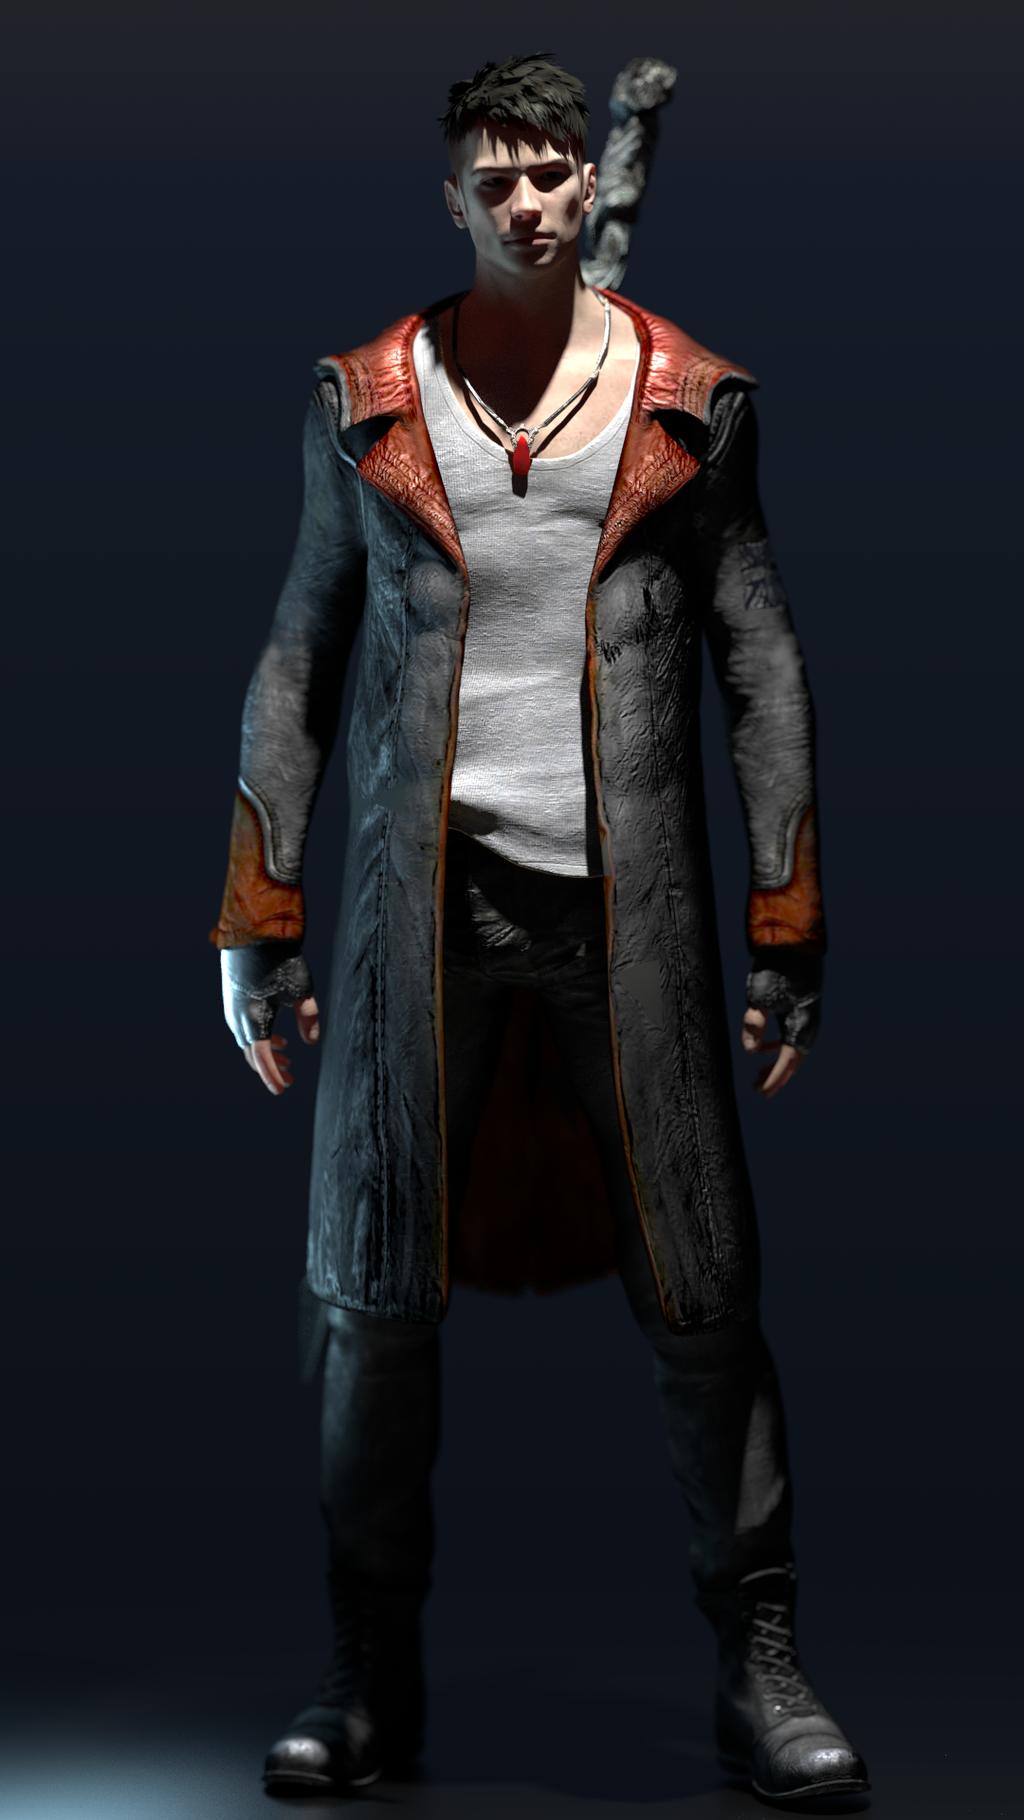 Dante by styxwalrush